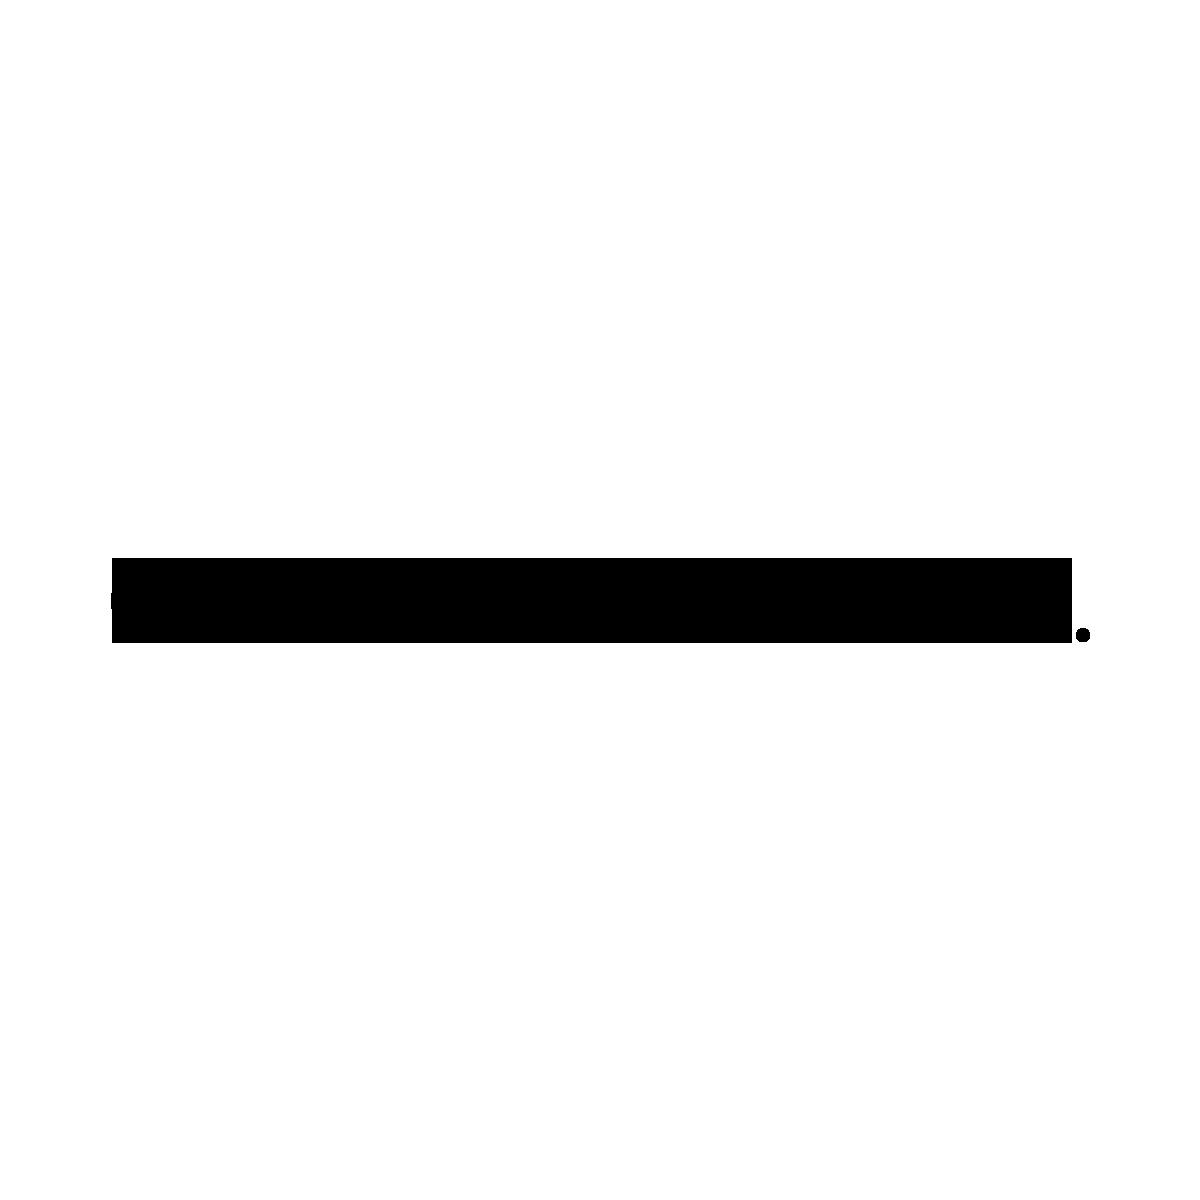 fred de la bretoniere handtas 'de suzanna' in trendy geel natuurlijk gelooid leer 211010006 binnenkant steekvak